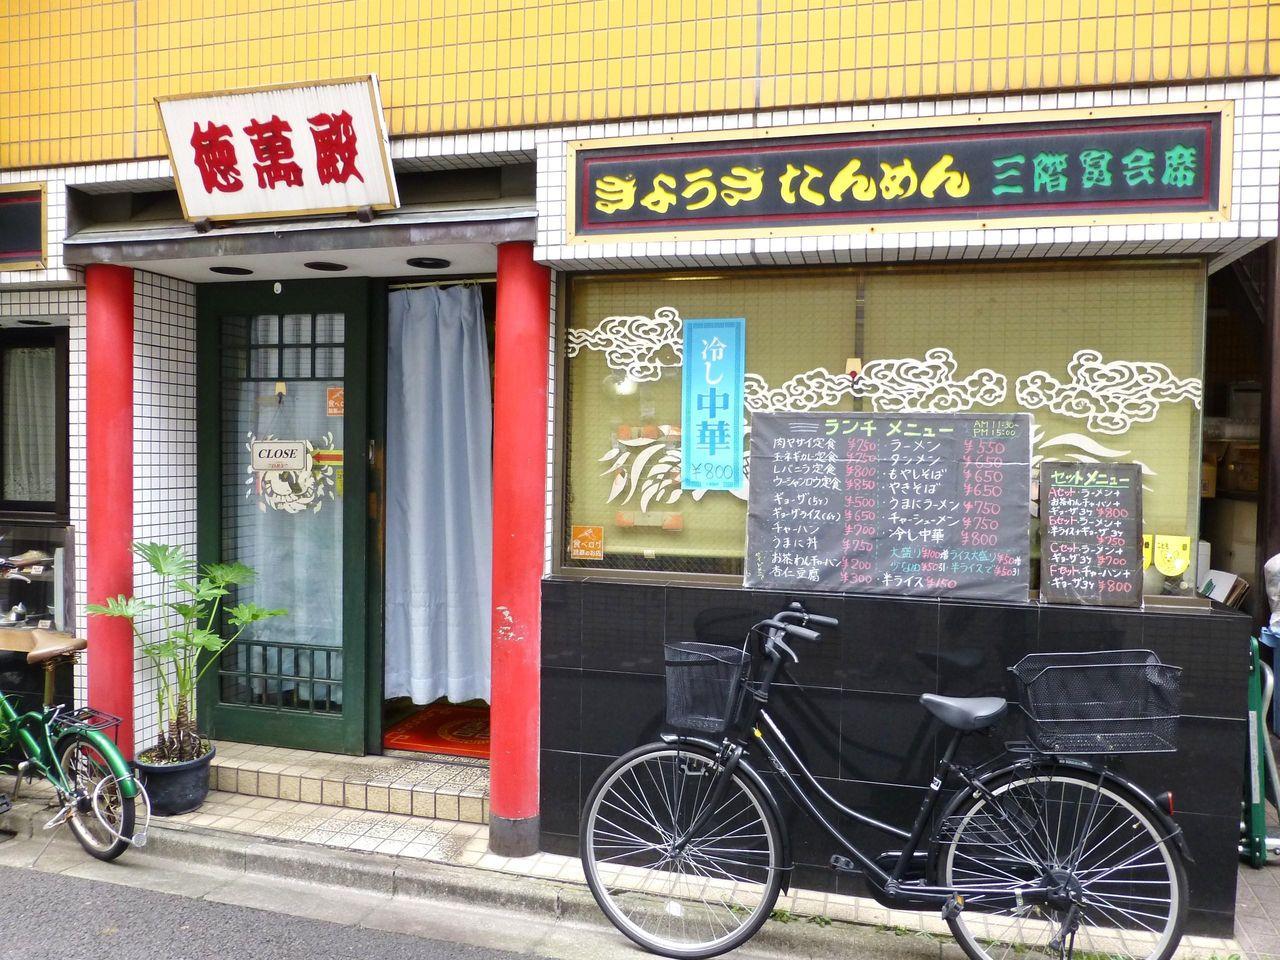 神保町のデカ盛り中華料理店「徳萬殿」